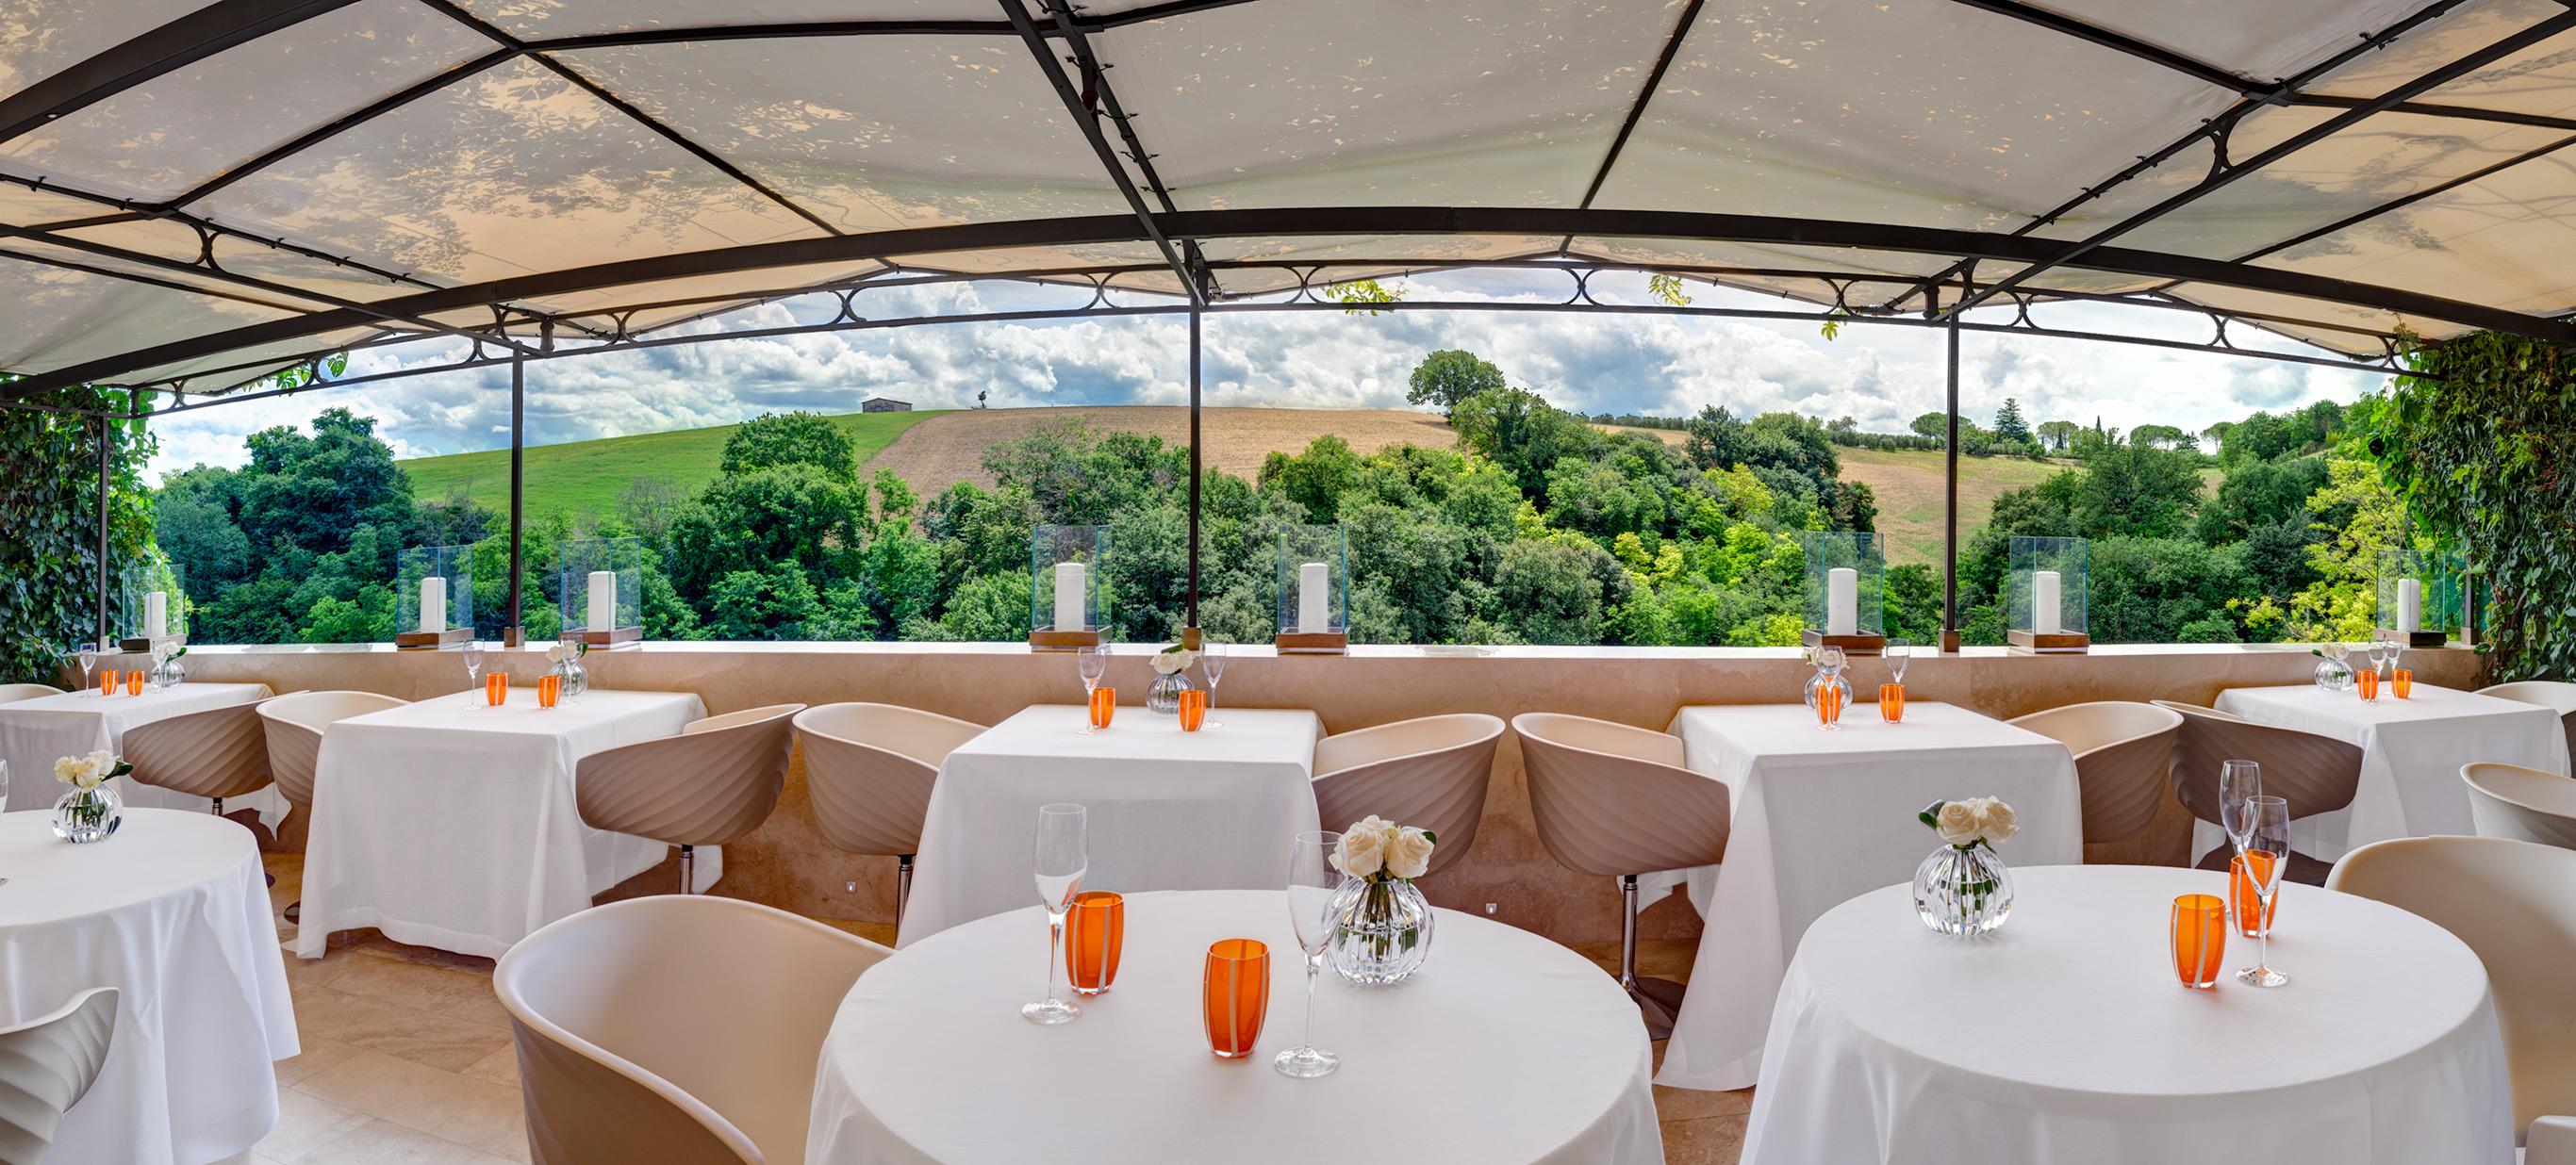 terrazza-panoramica_arnolfo-ristorante